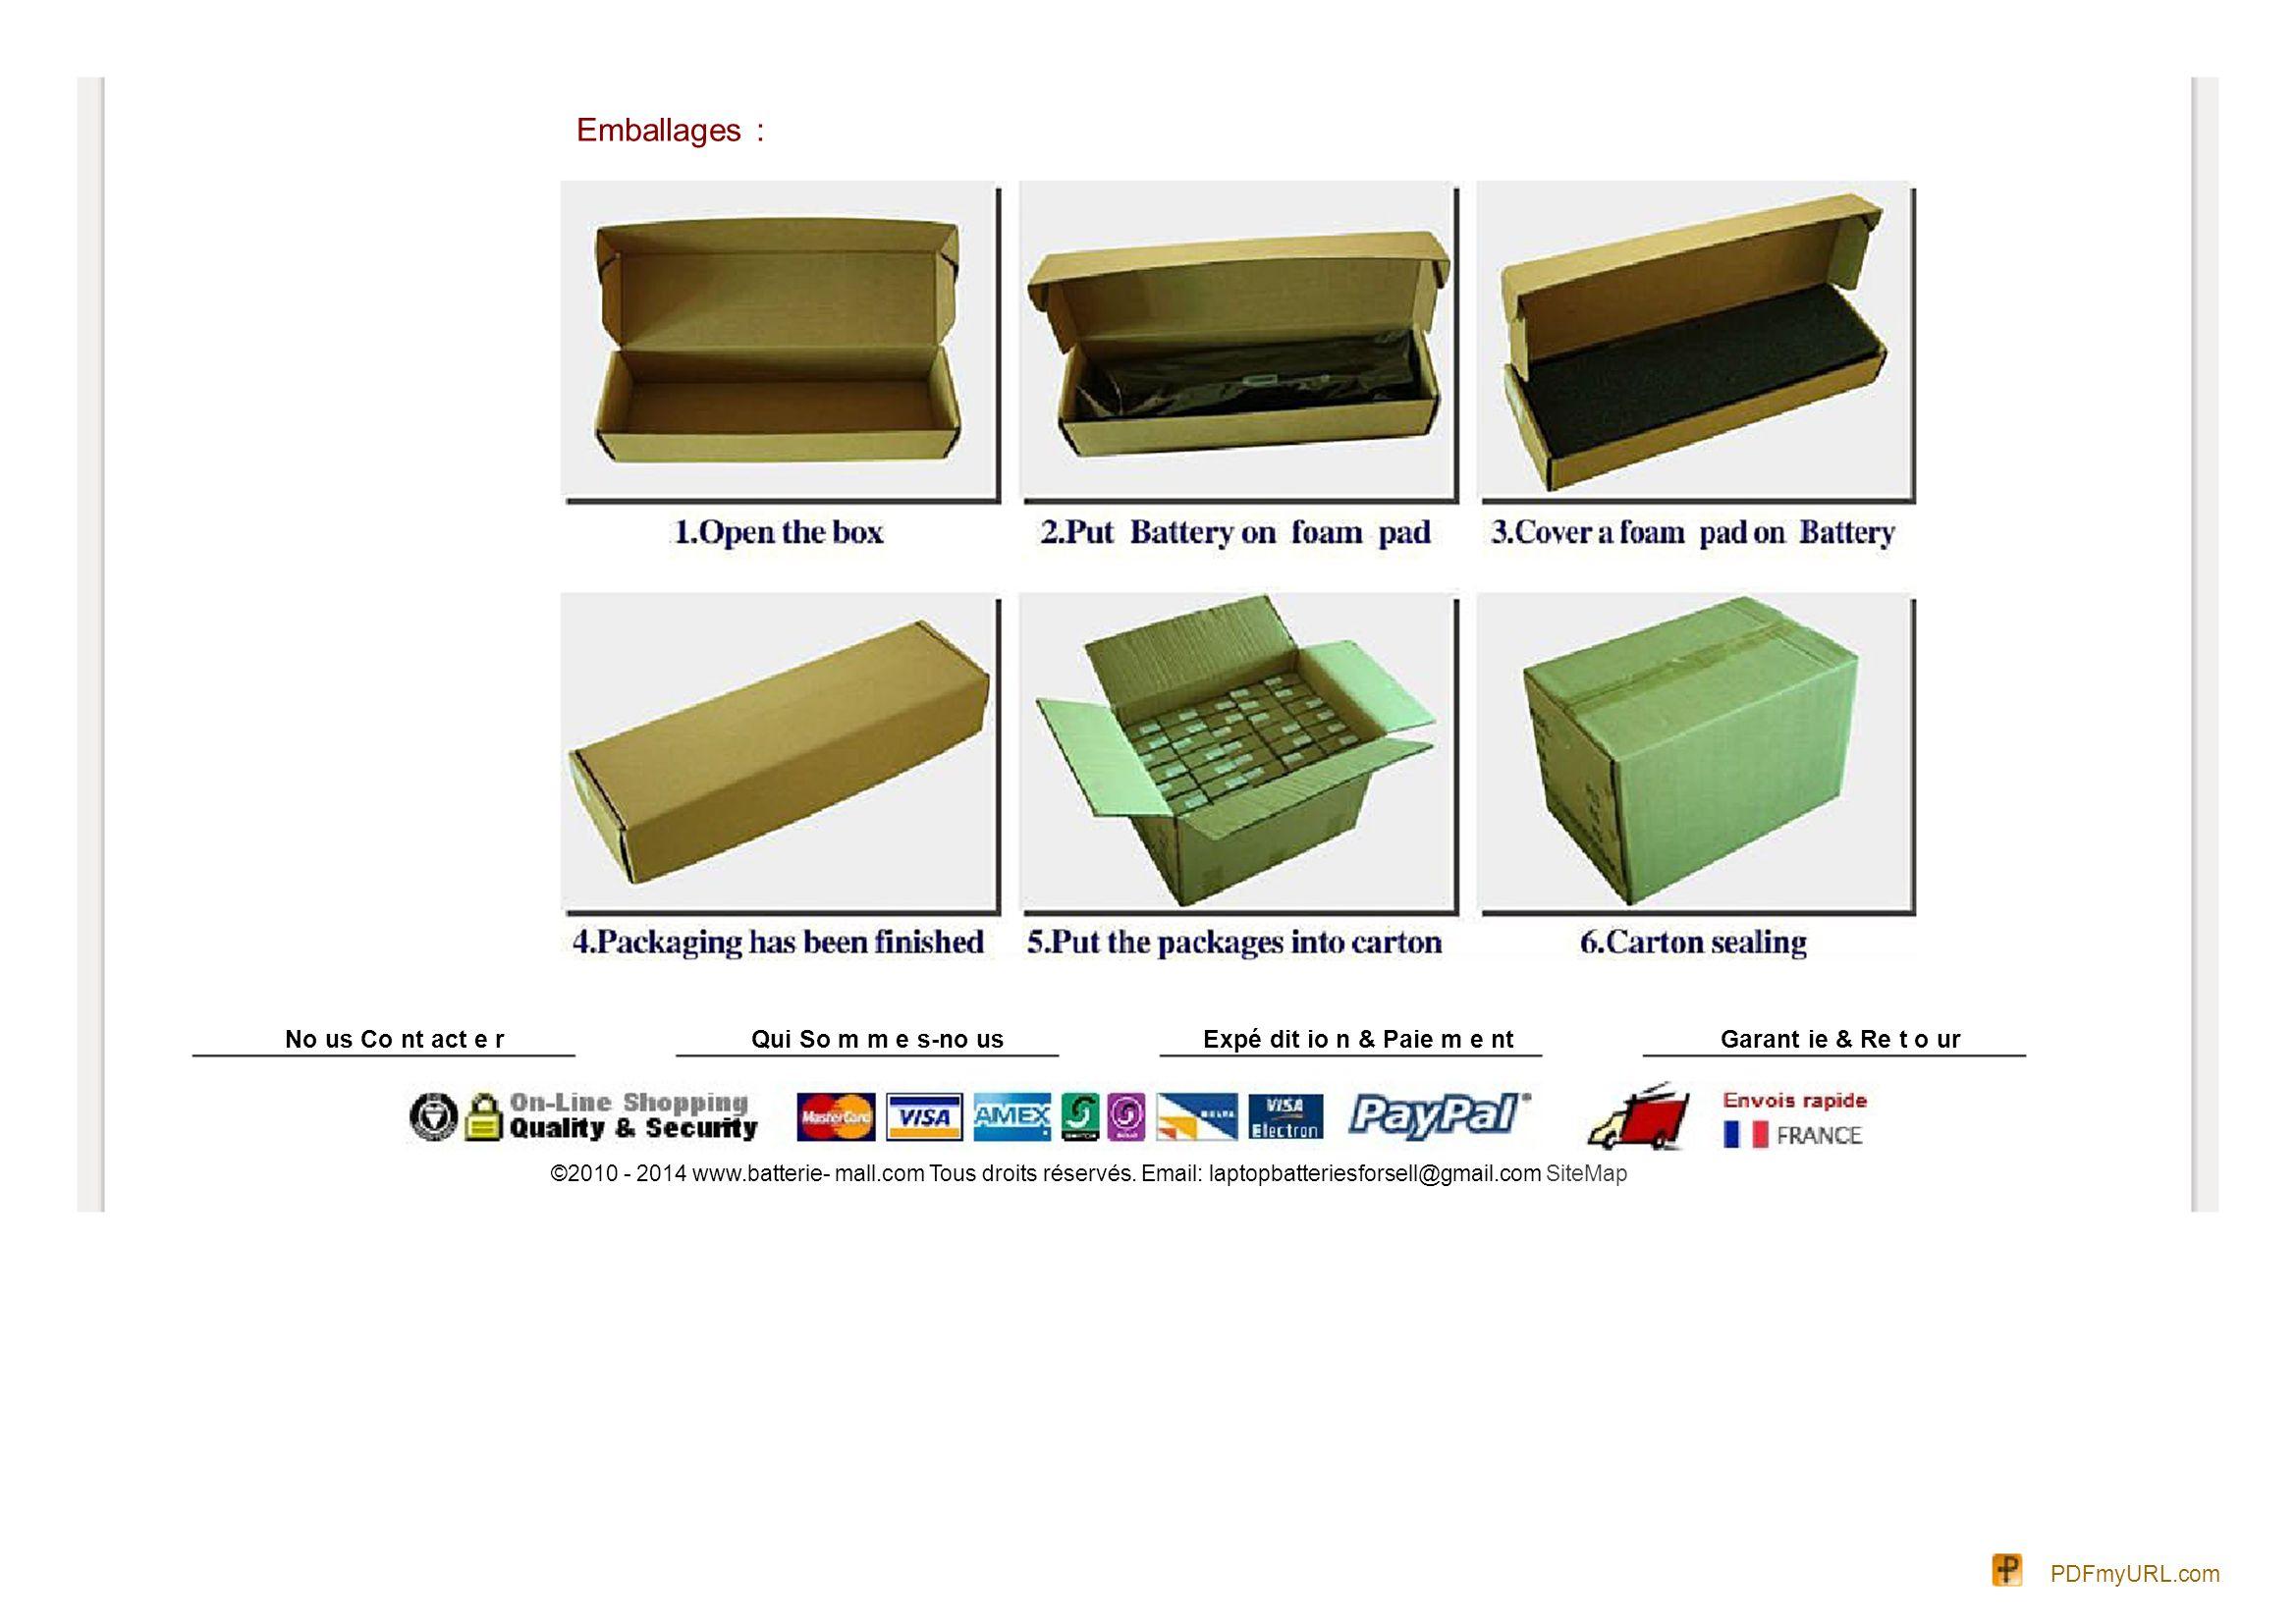 Emballages : No us Co nt act e rQui So m m e s-no usExpé dit io n & Paie m e ntGarant ie & Re t o ur ©2010 - 2014 www.batterie- mall.com Tous droits r